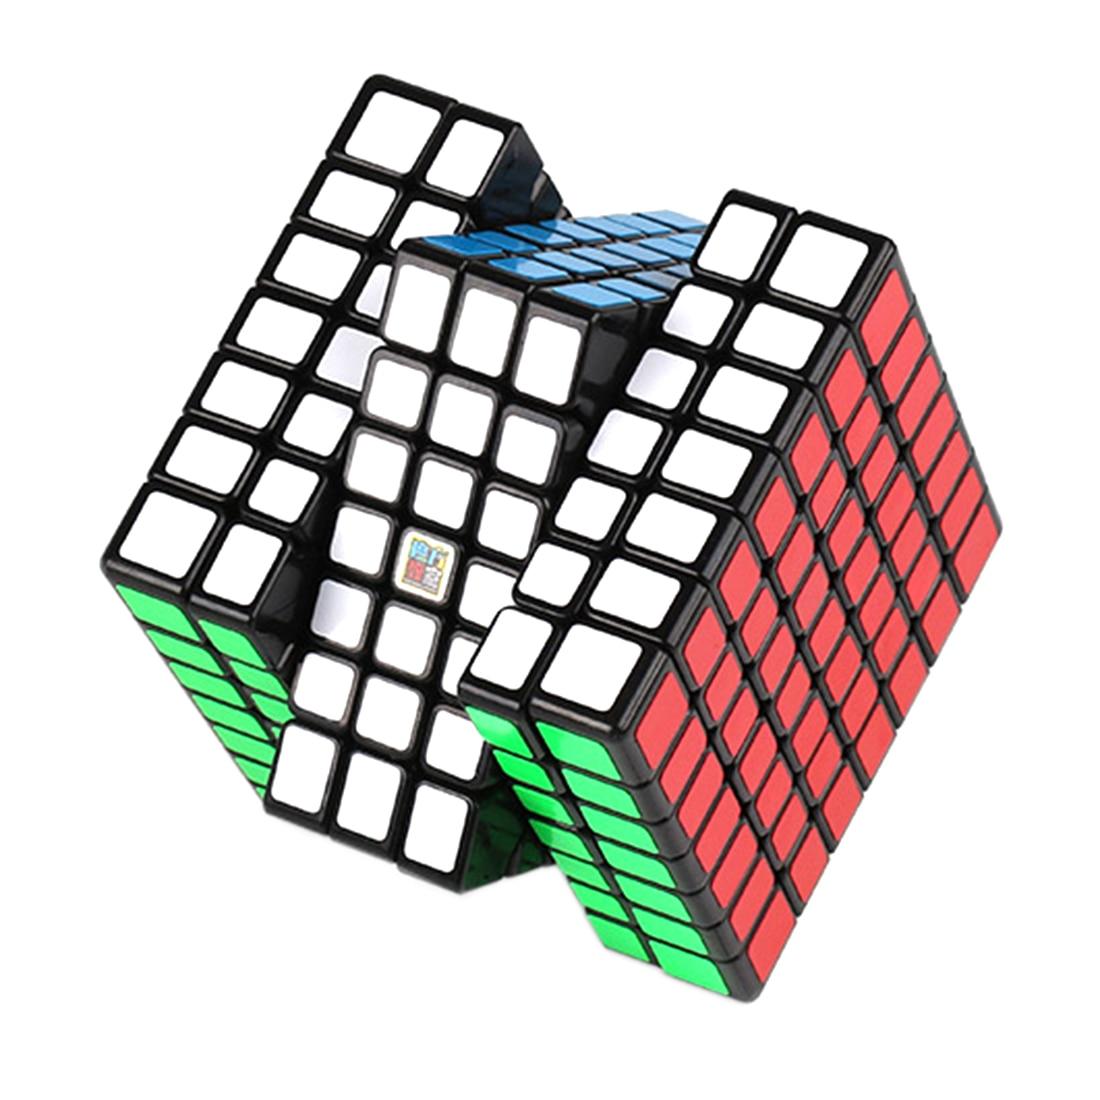 Nouvelle arrivée MF9310 Cubing salle de classe 2-7 étapes Cube magique ensemble avec emballage de boîte-cadeau pour la formation du cerveau - 5